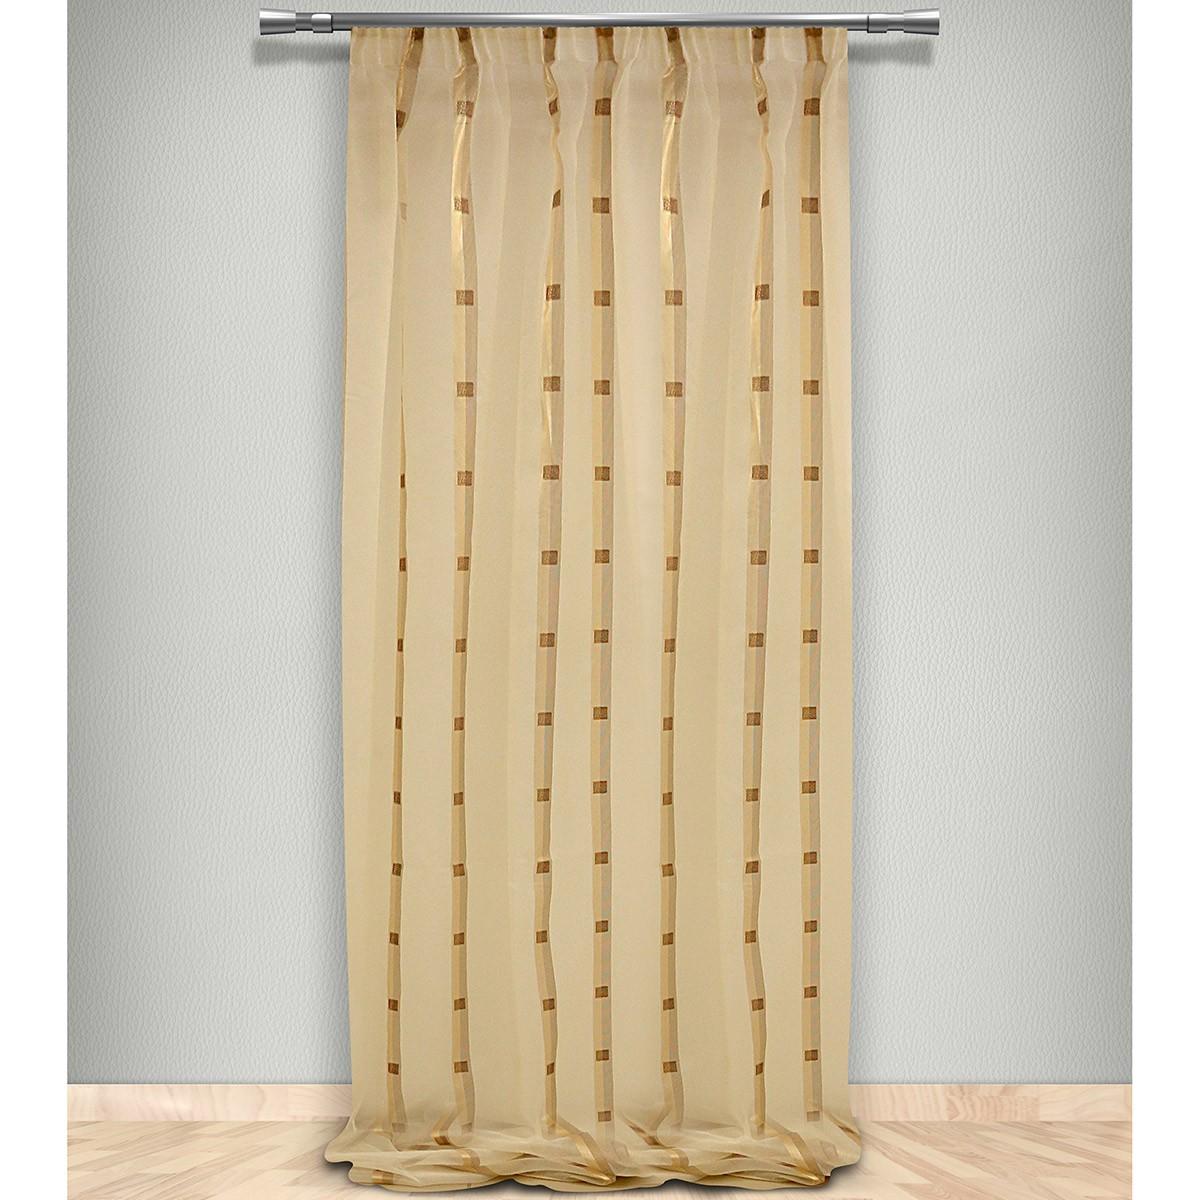 Κουρτίνα (145x300) Maison Blanche 70261182802